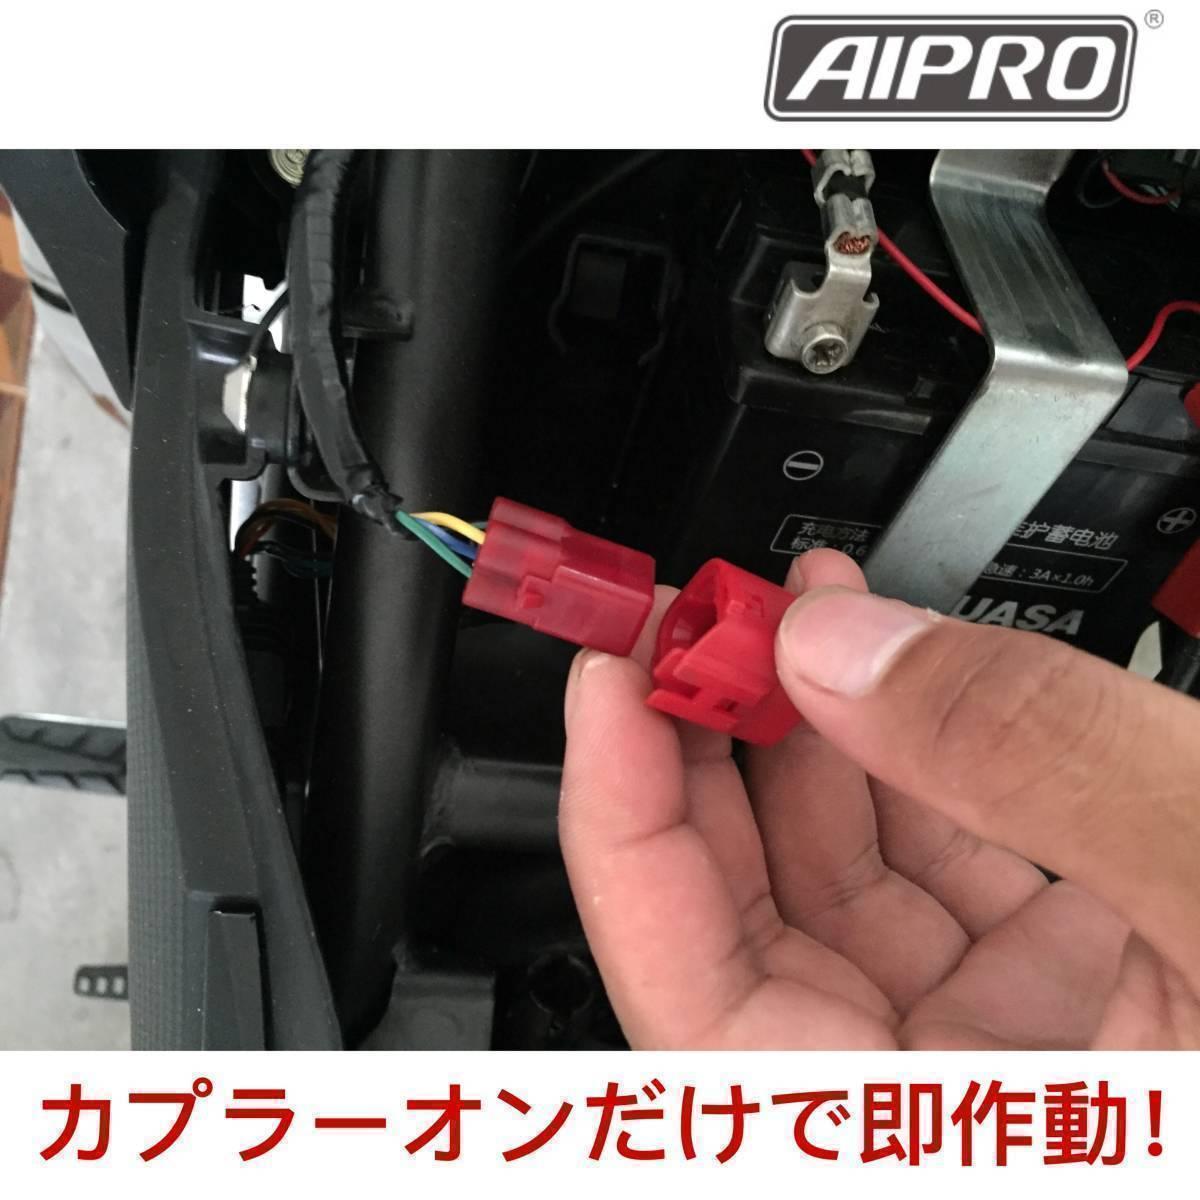 ホンダ シフトインジケーター APH1 【緑】AIpro(アイプロ) CBR600RR PC37 PC40 CBR1000RR SC57 SC59 CB1300 CB400 NC42 CBR250R MC41_画像2